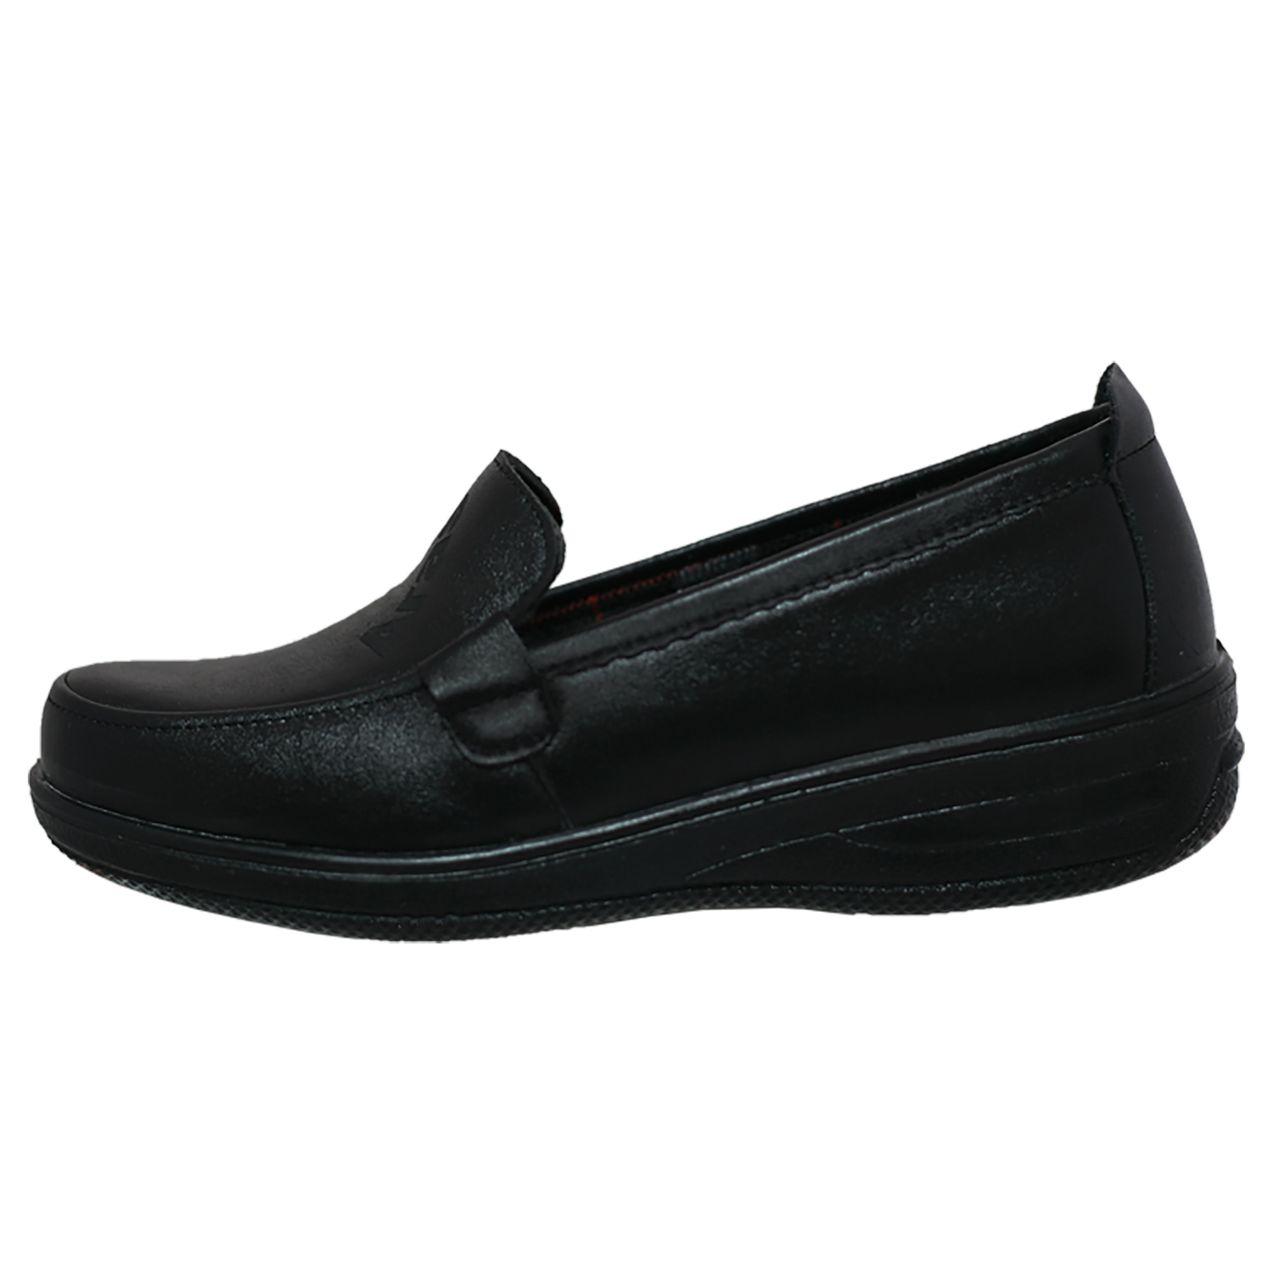 کفش طبی زنانه ارس مدل ar-rz